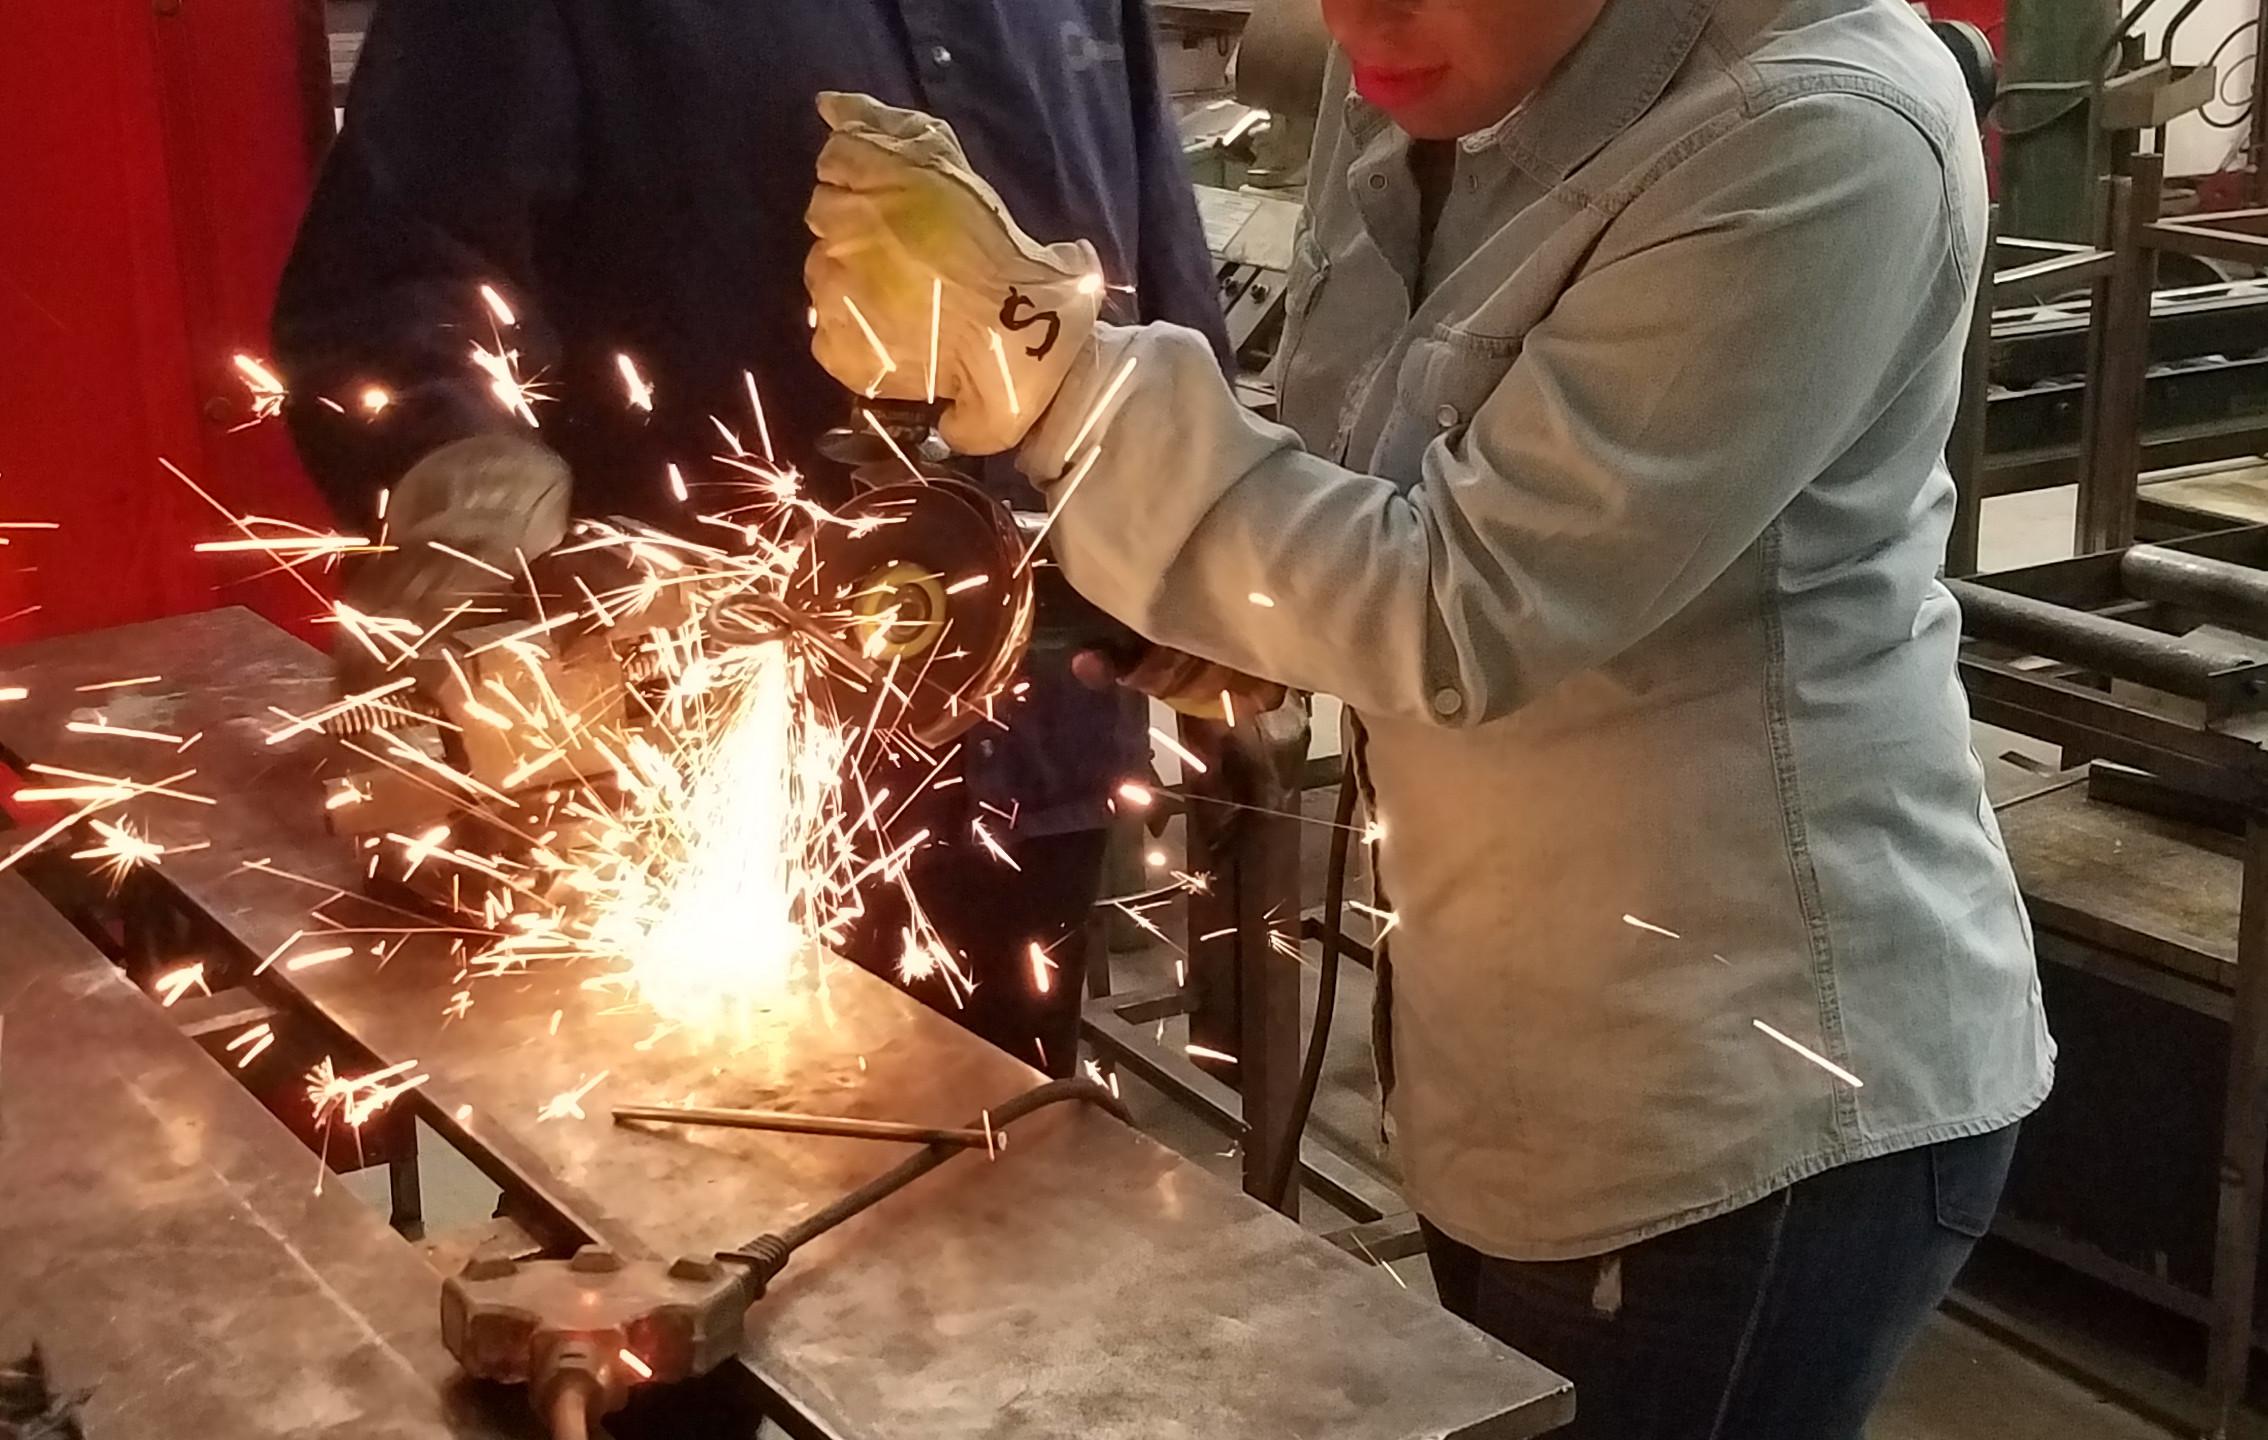 sawing through metal